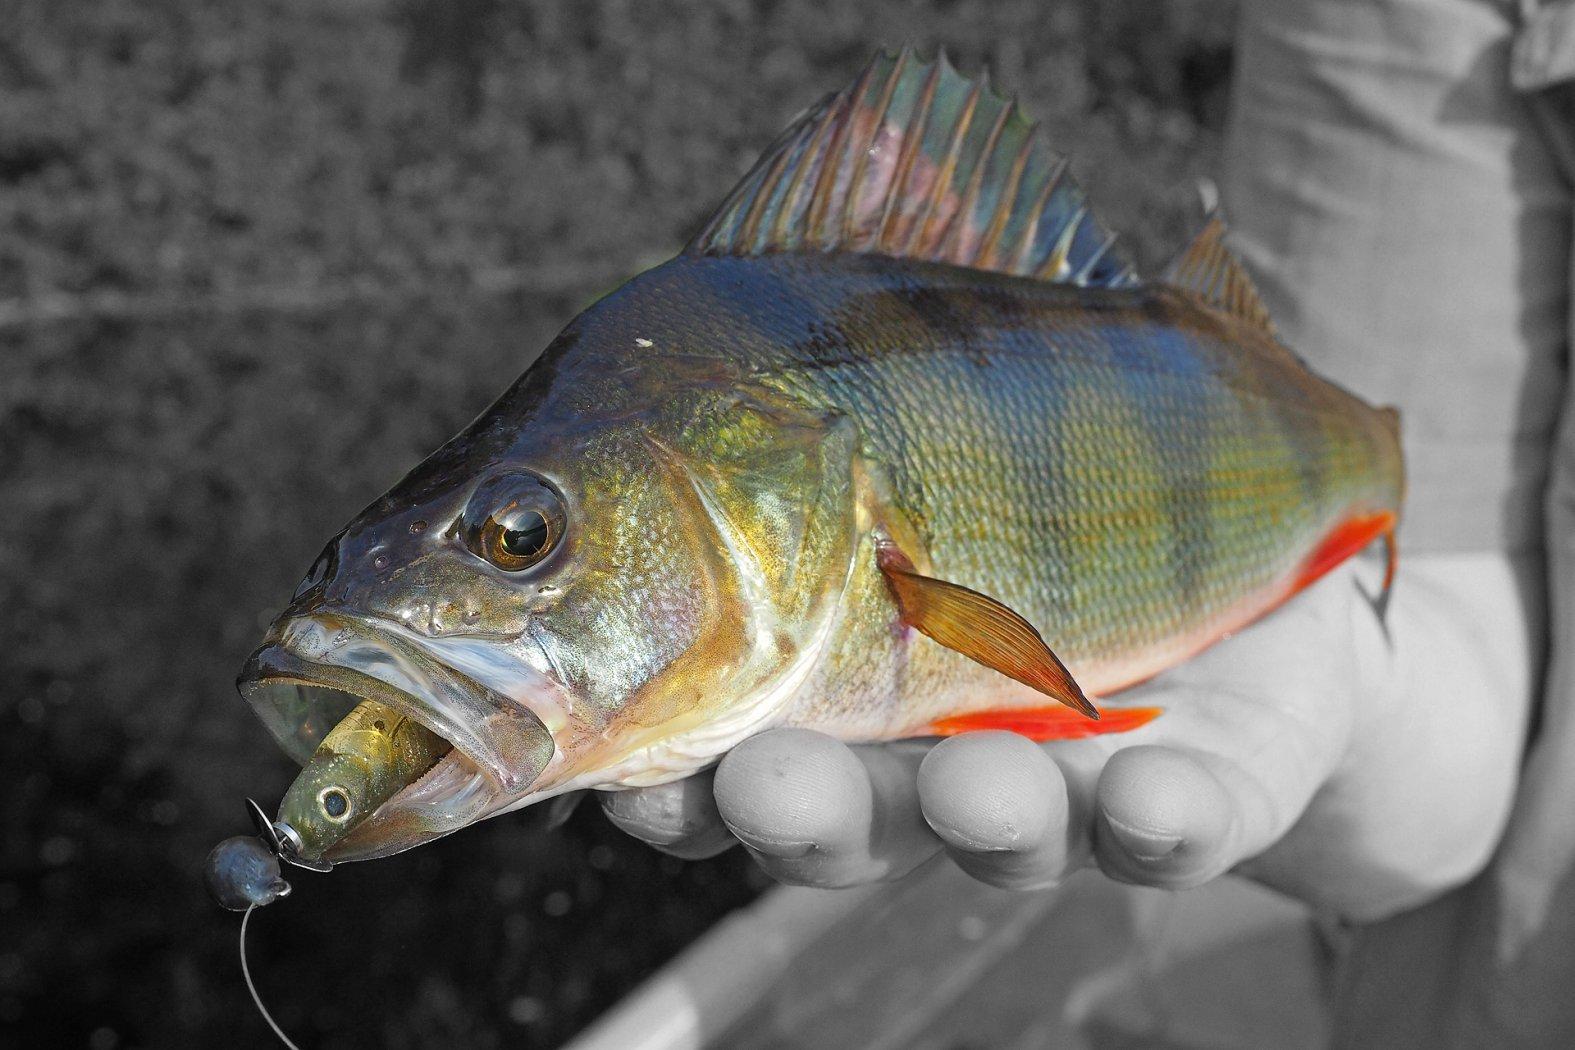 Fish Arrow Wheel Head auf Barsch